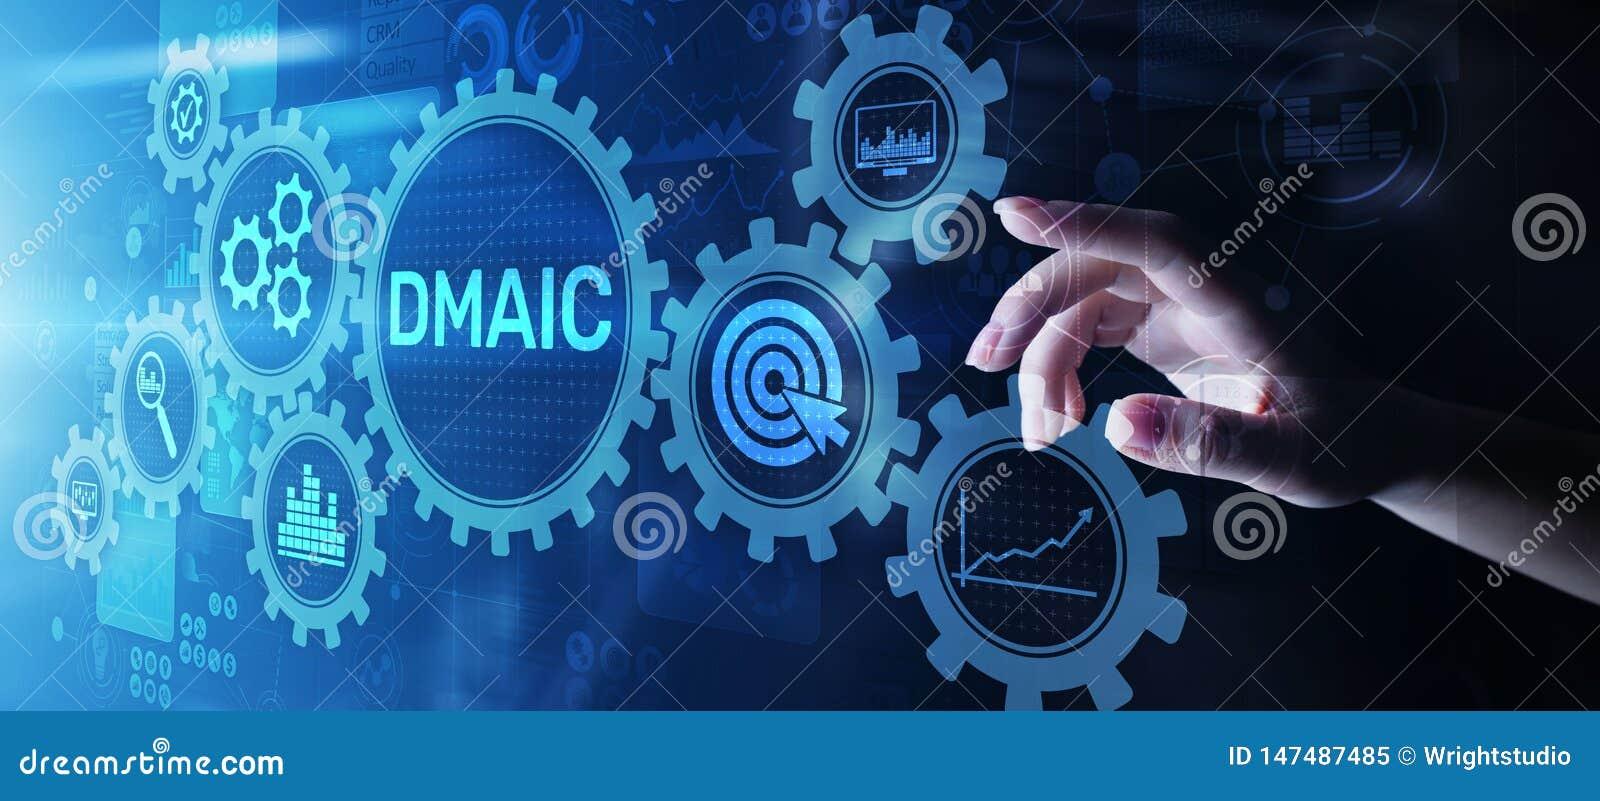 DMAIC bepaalt Maatregel analyseert verbetert Controle Industri?le bedrijfsprocesoptimalisering zes sigma magere productie